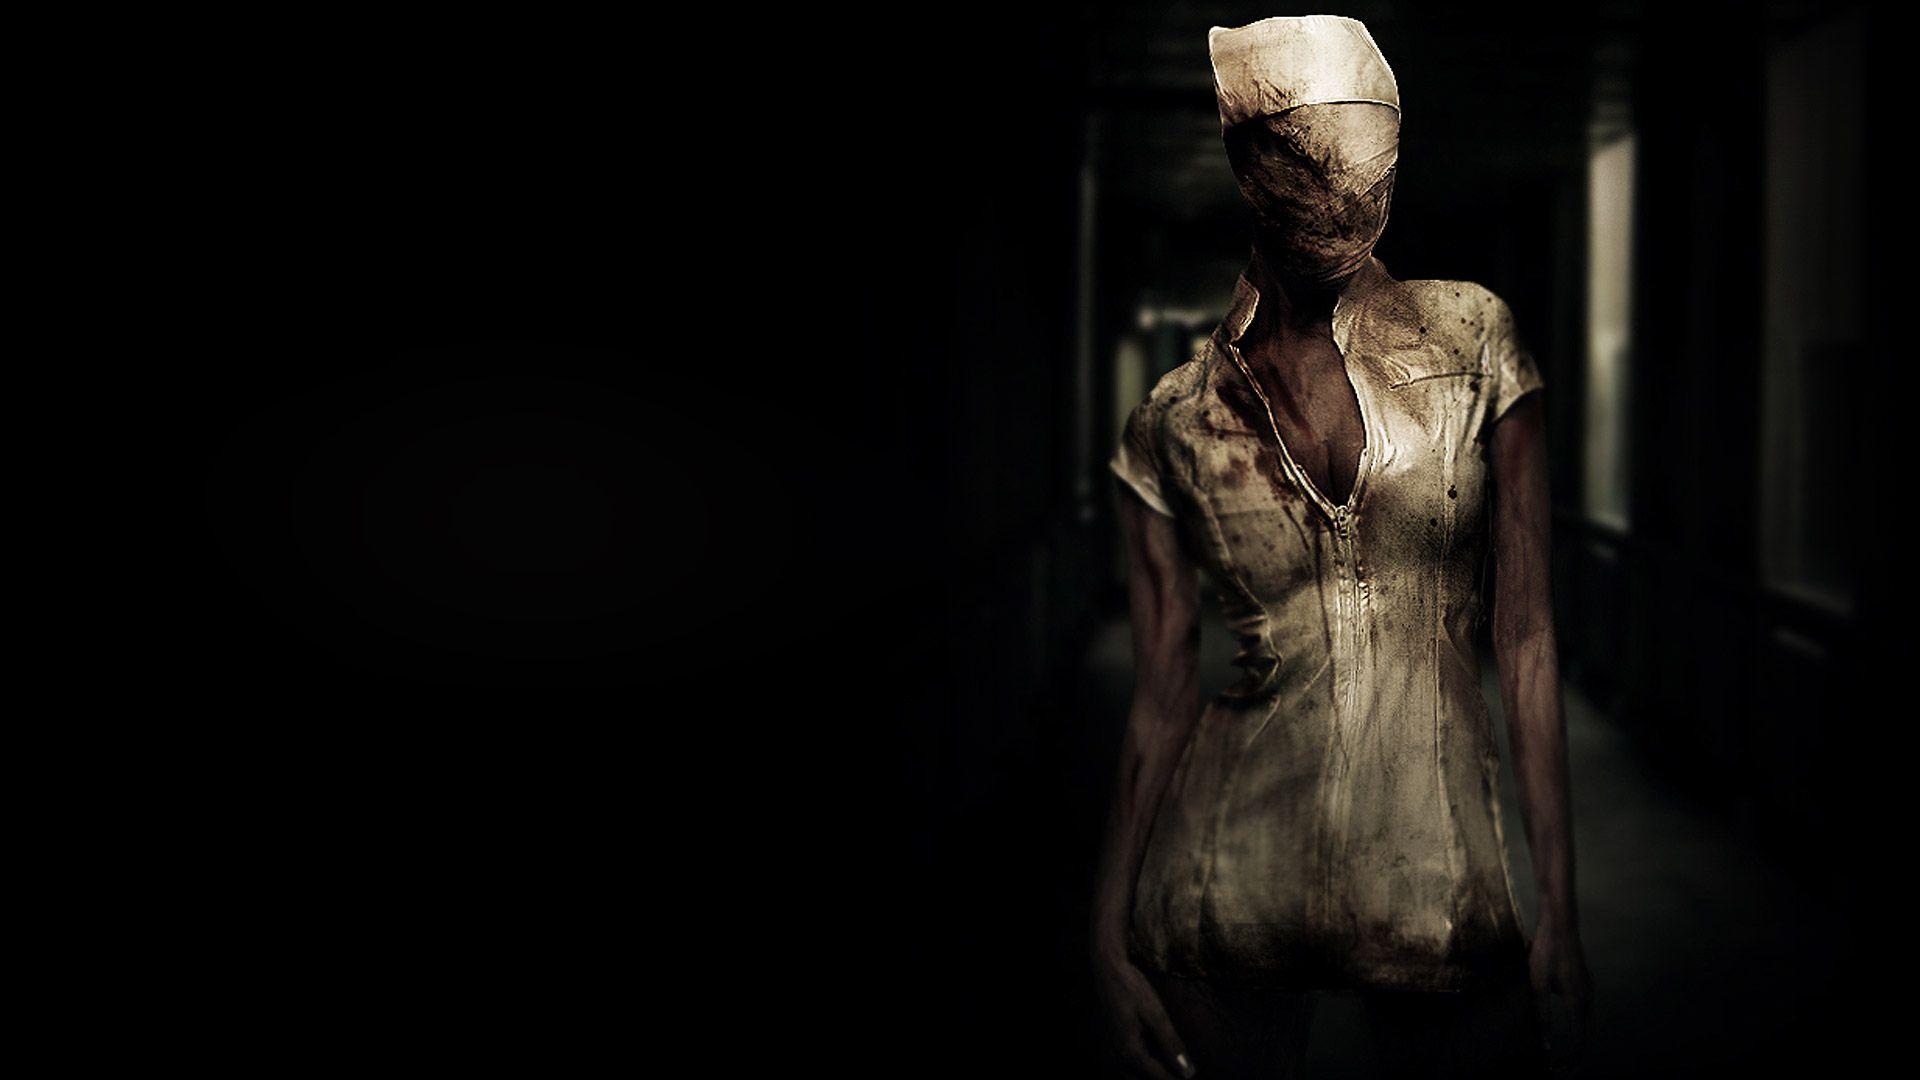 horror art 1680x1050 horror and dark art 142 horror pinterest dark art horror and horror art